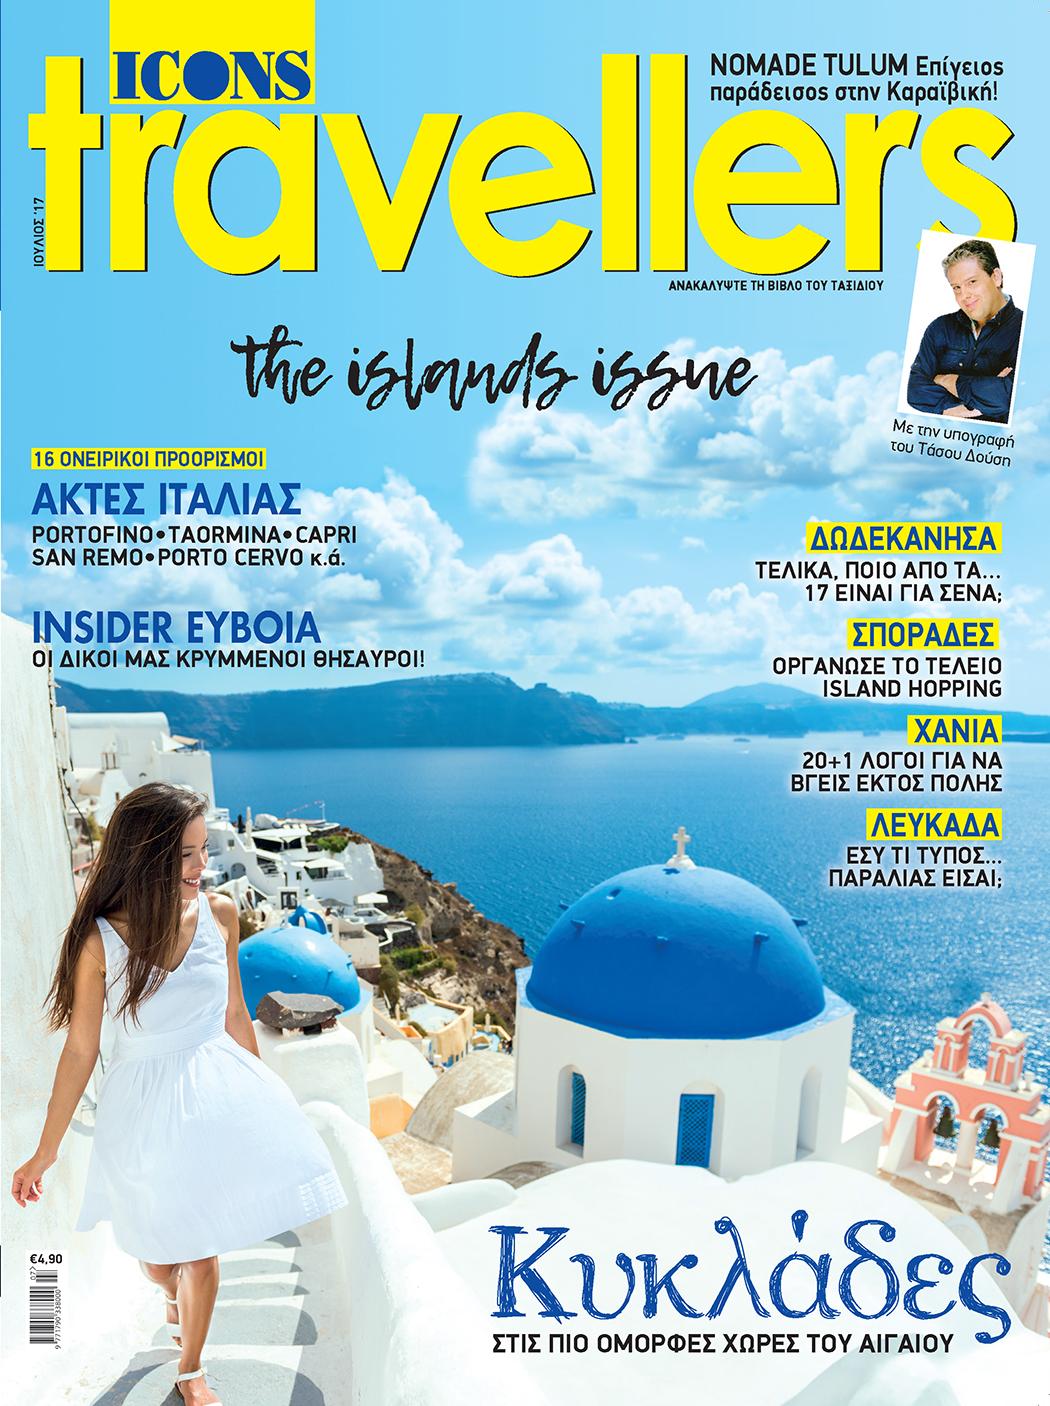 Με την απόλυτη καλοκαιρινή και...νησιώτικη διάθεση κυκλοφορεί το νέο τεύχος του Icons Τravellers και μας ταξιδεύει στα καλύτερα.